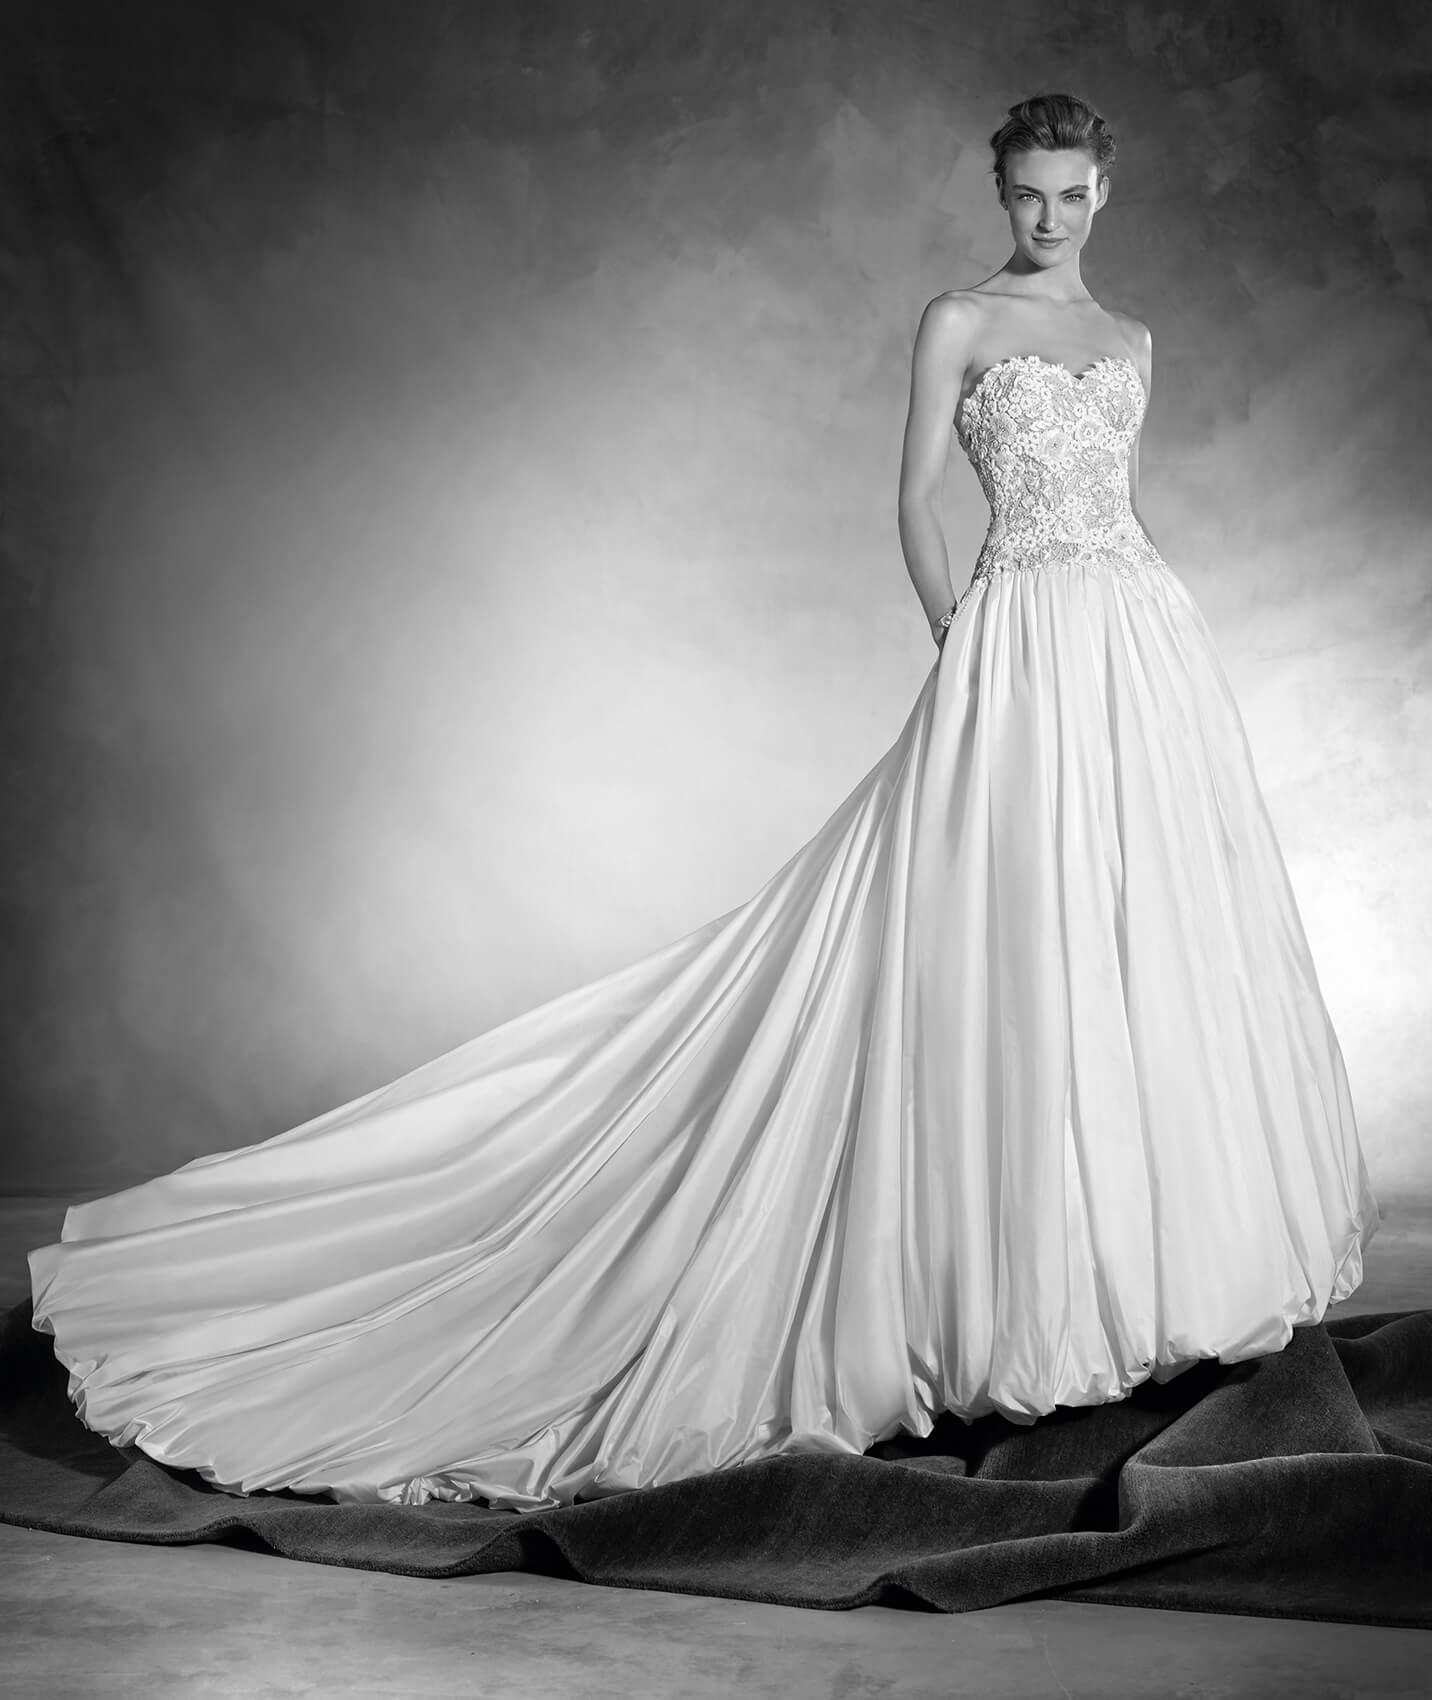 Nadira cвадебные платья